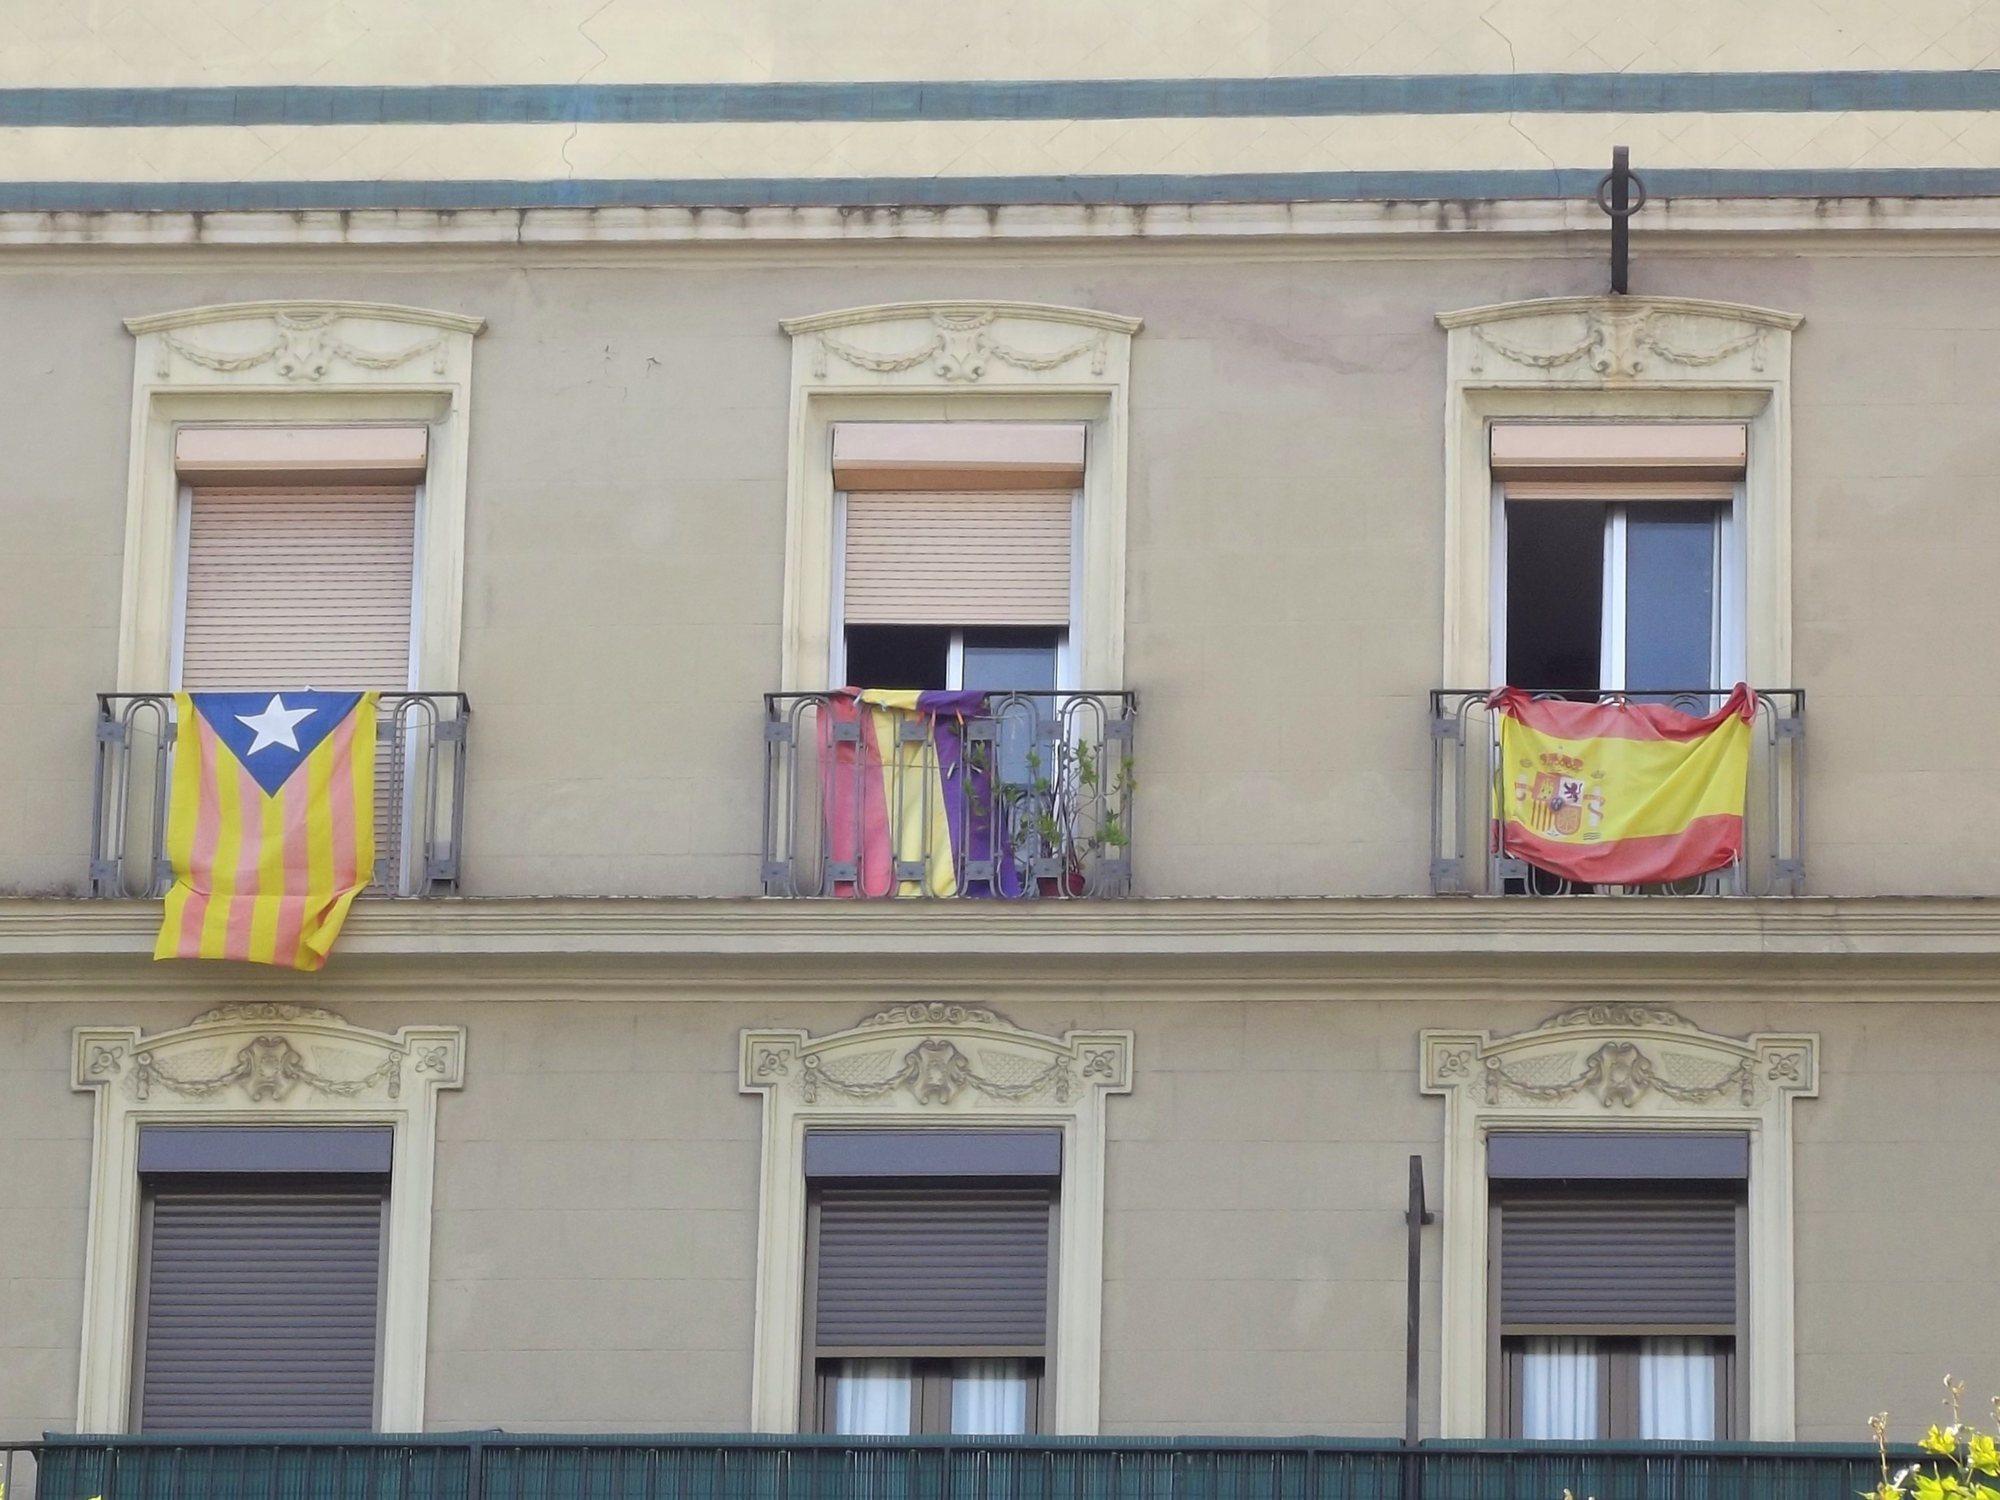 Aumentan en Cataluña las cláusulas para prohibir por contrato colgar banderas en las fachadas